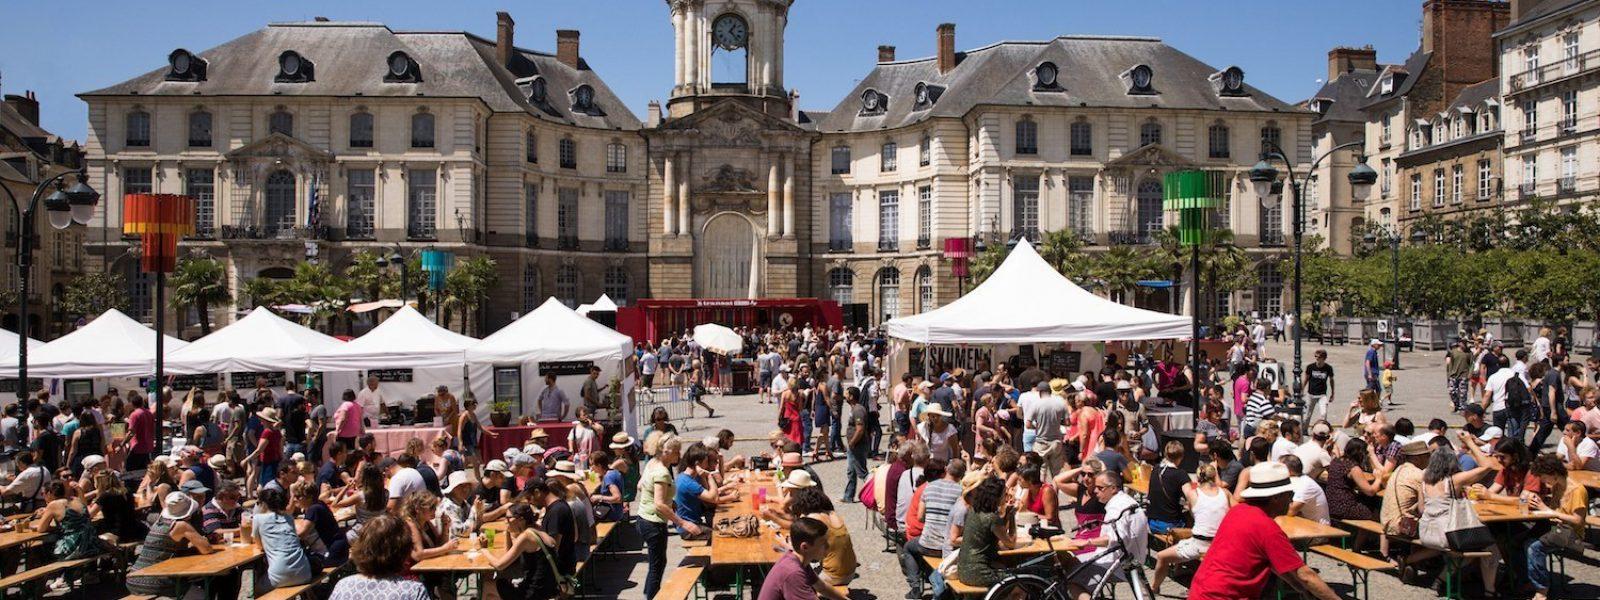 Rennes, destination idéale pour vos vacances